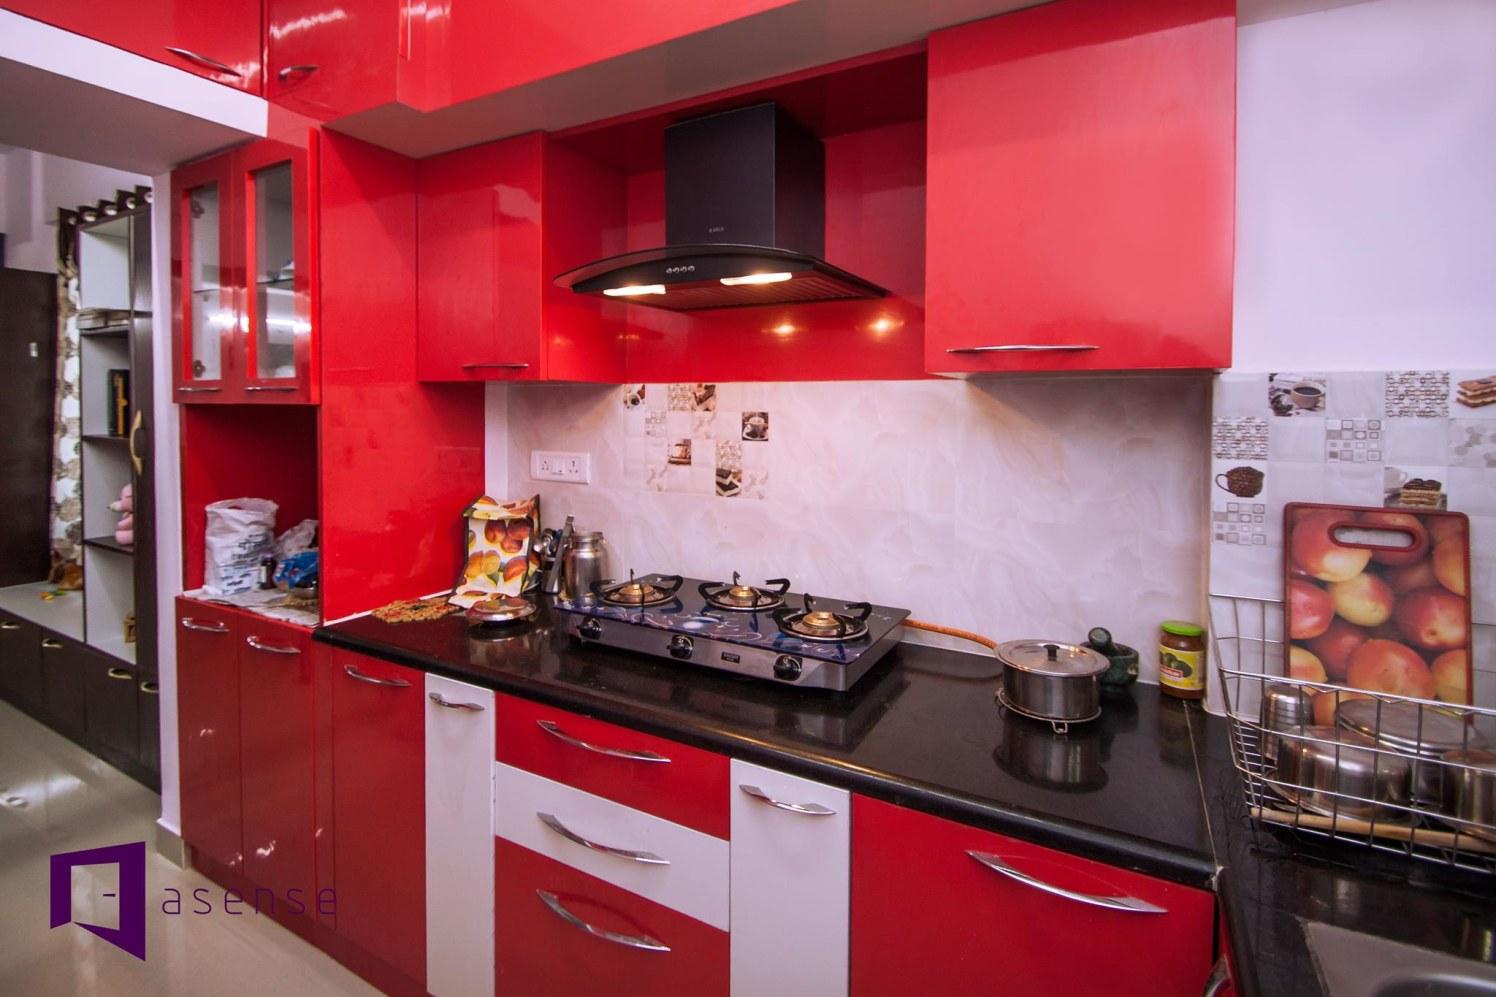 RedAnd White Themed Modular  Kitchen by Snigdha Ghosh Modular-kitchen Contemporary | Interior Design Photos & Ideas